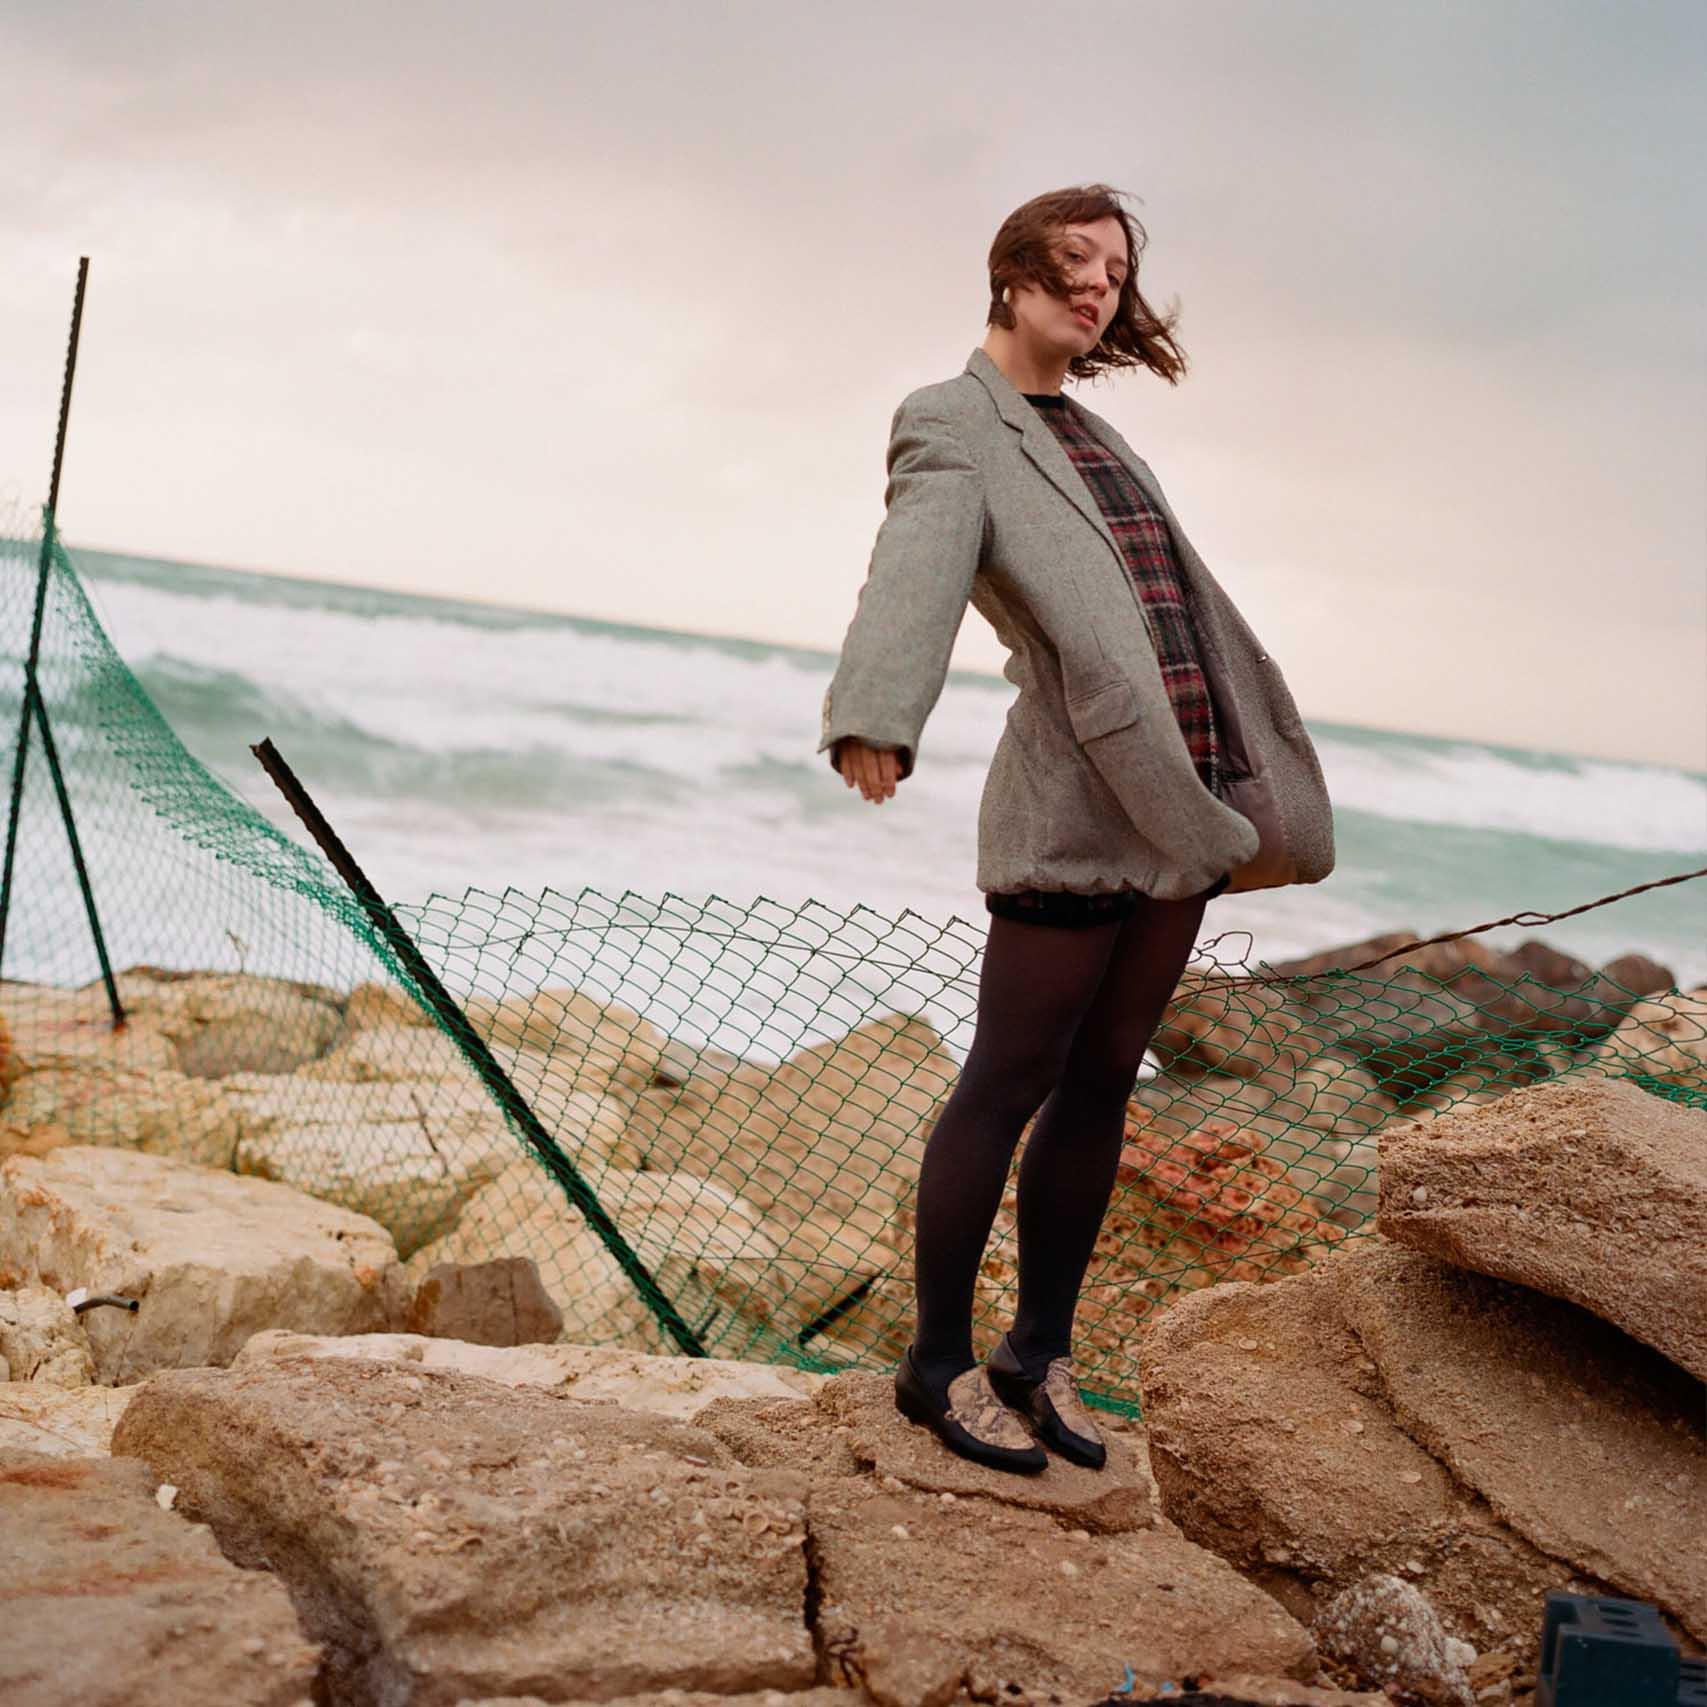 הפקות אופנה, צילום: עוז ברק, דוגמנית: Christina Hlybova, אופנה: ונטה -מגזין אופנה ישראלי - 8